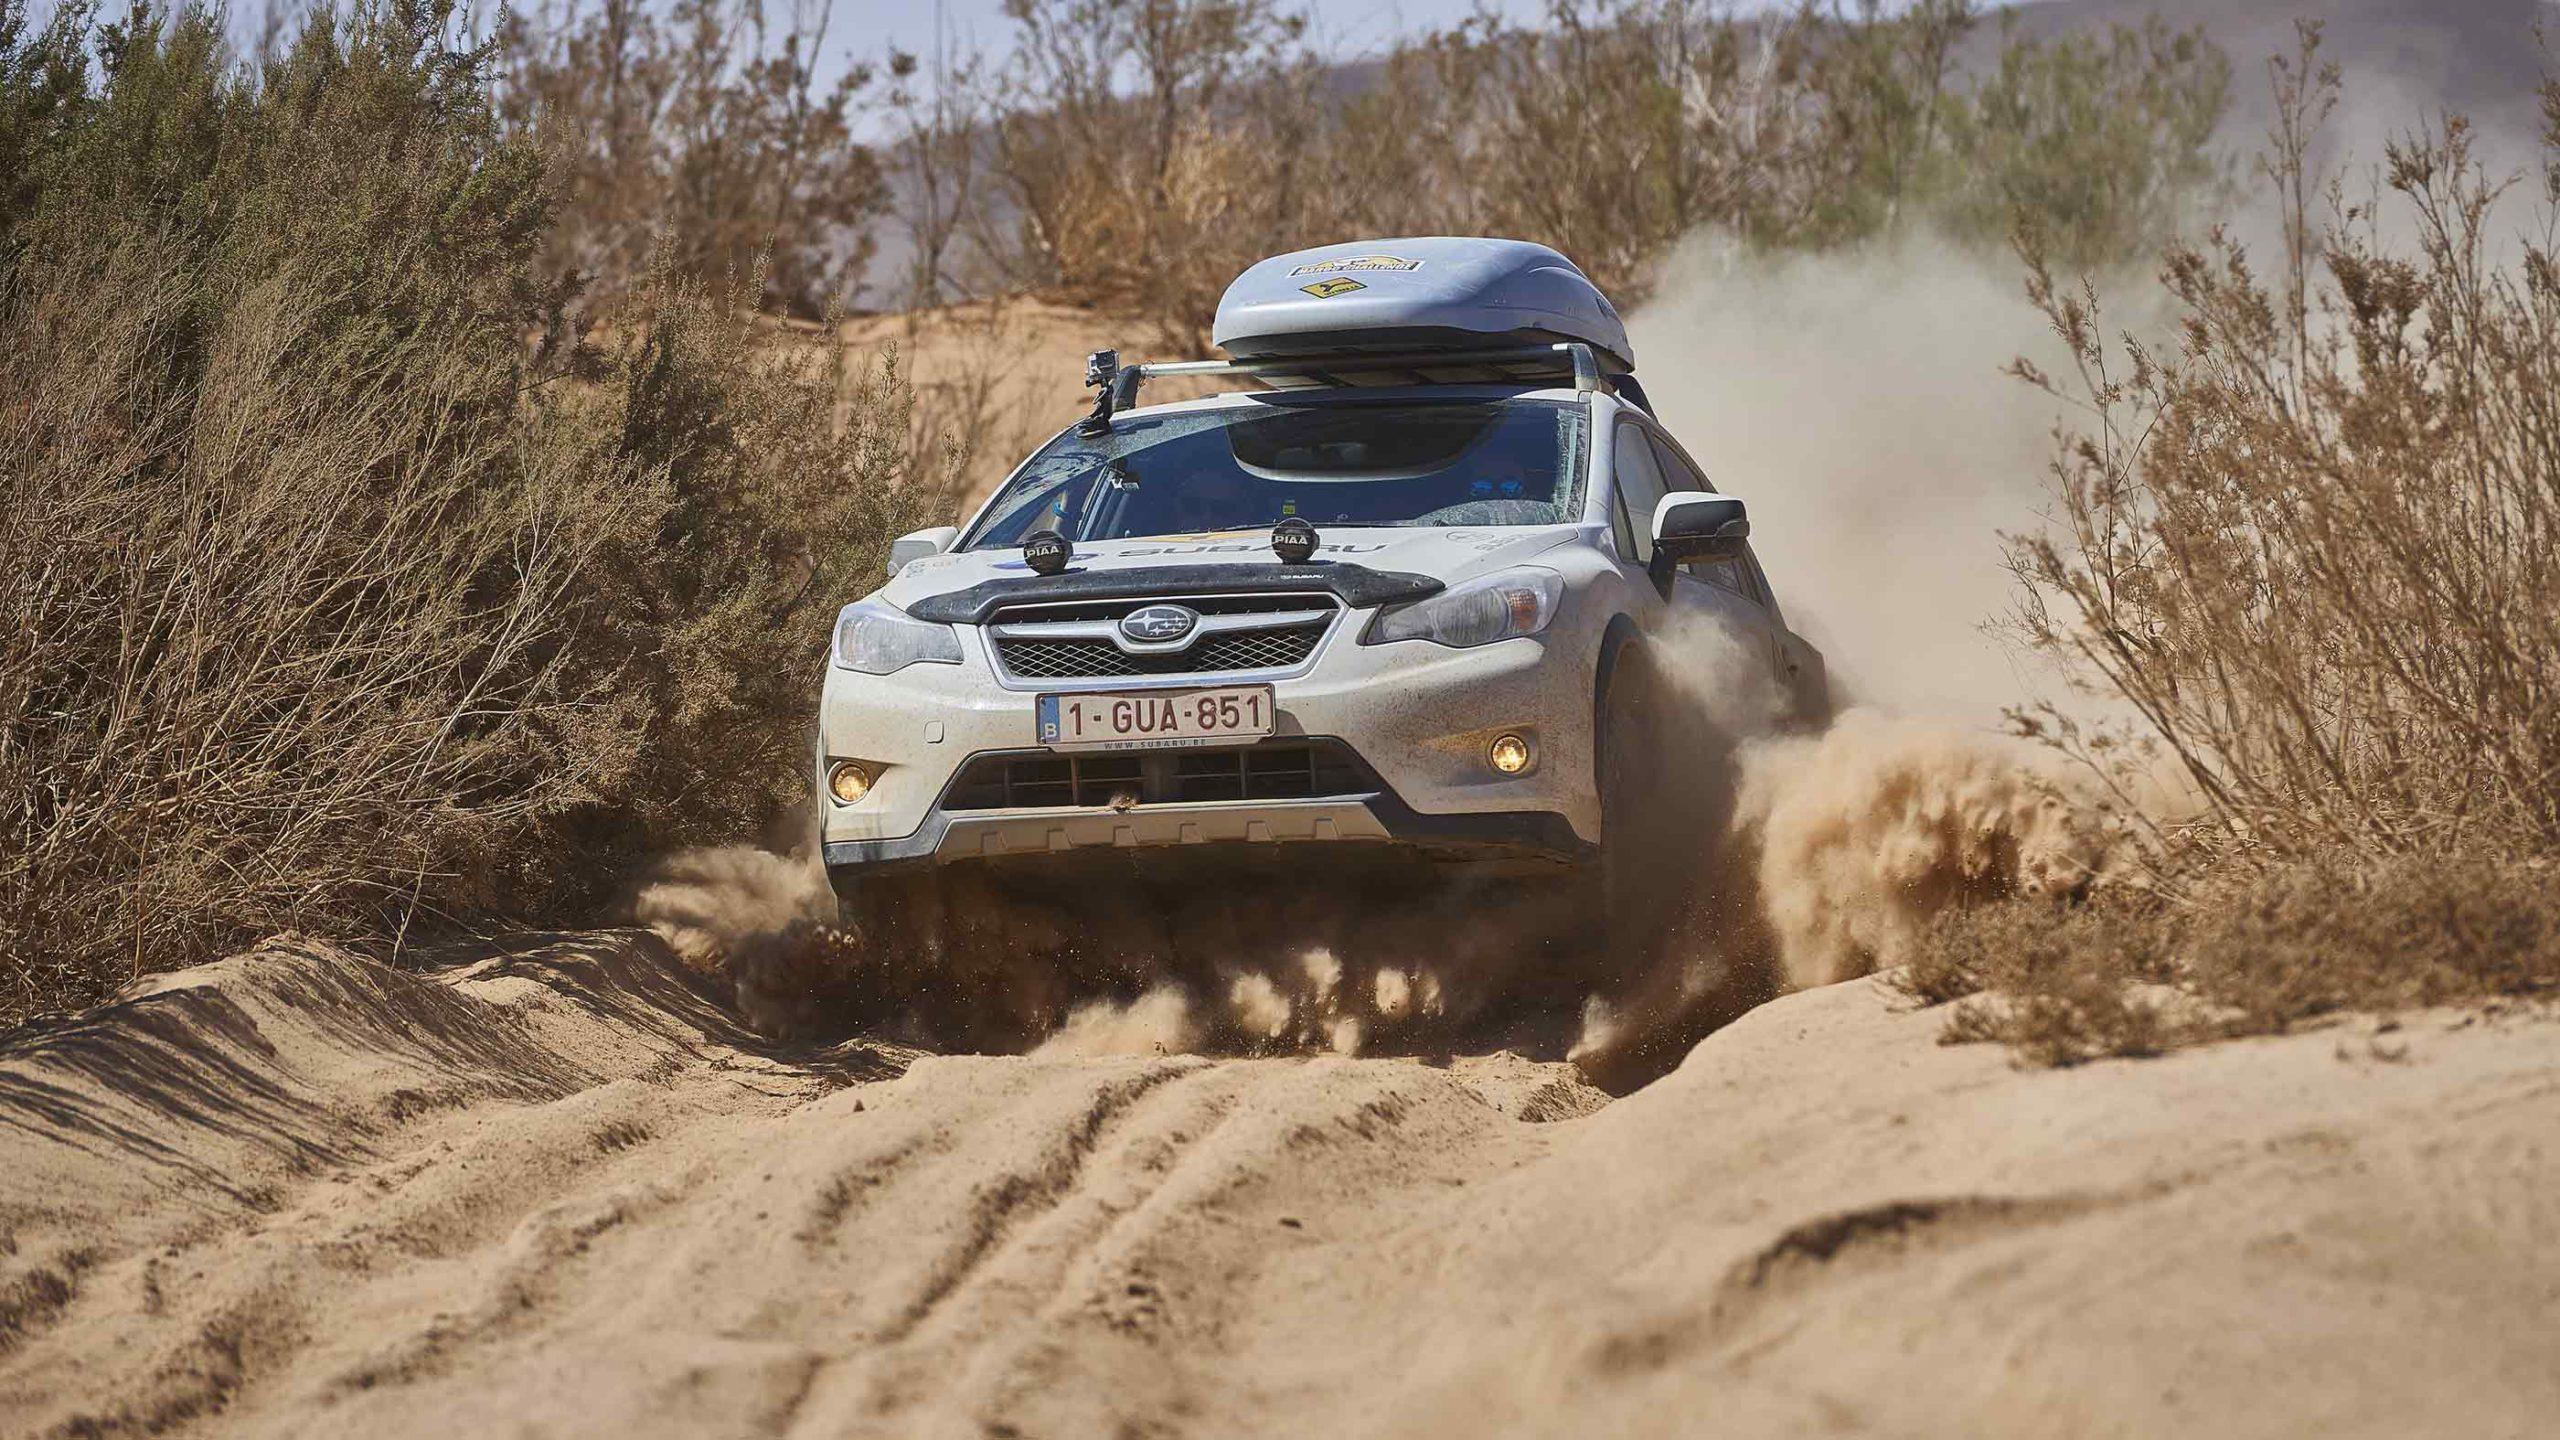 Un Subaru XV a pasar una zona de arena en Marruecos